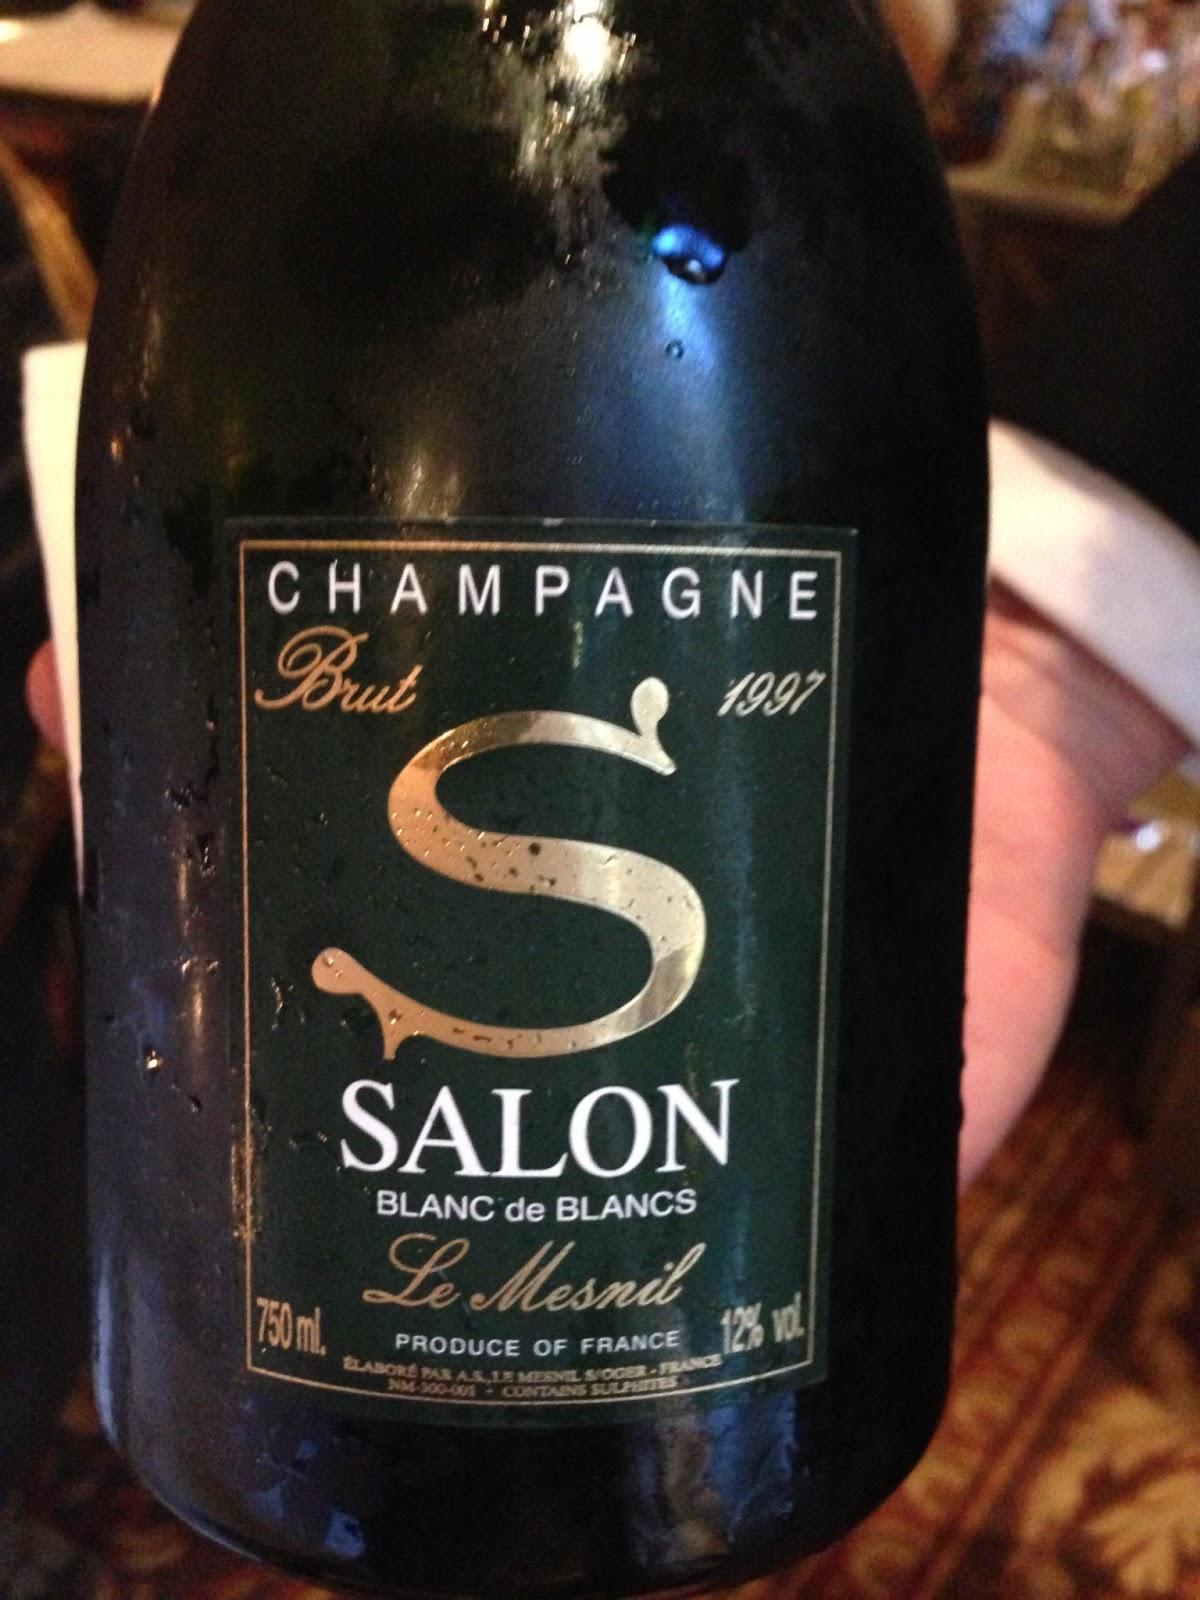 Madeinargentina un paseo por la maison de champagne salon for 1997 champagne salon